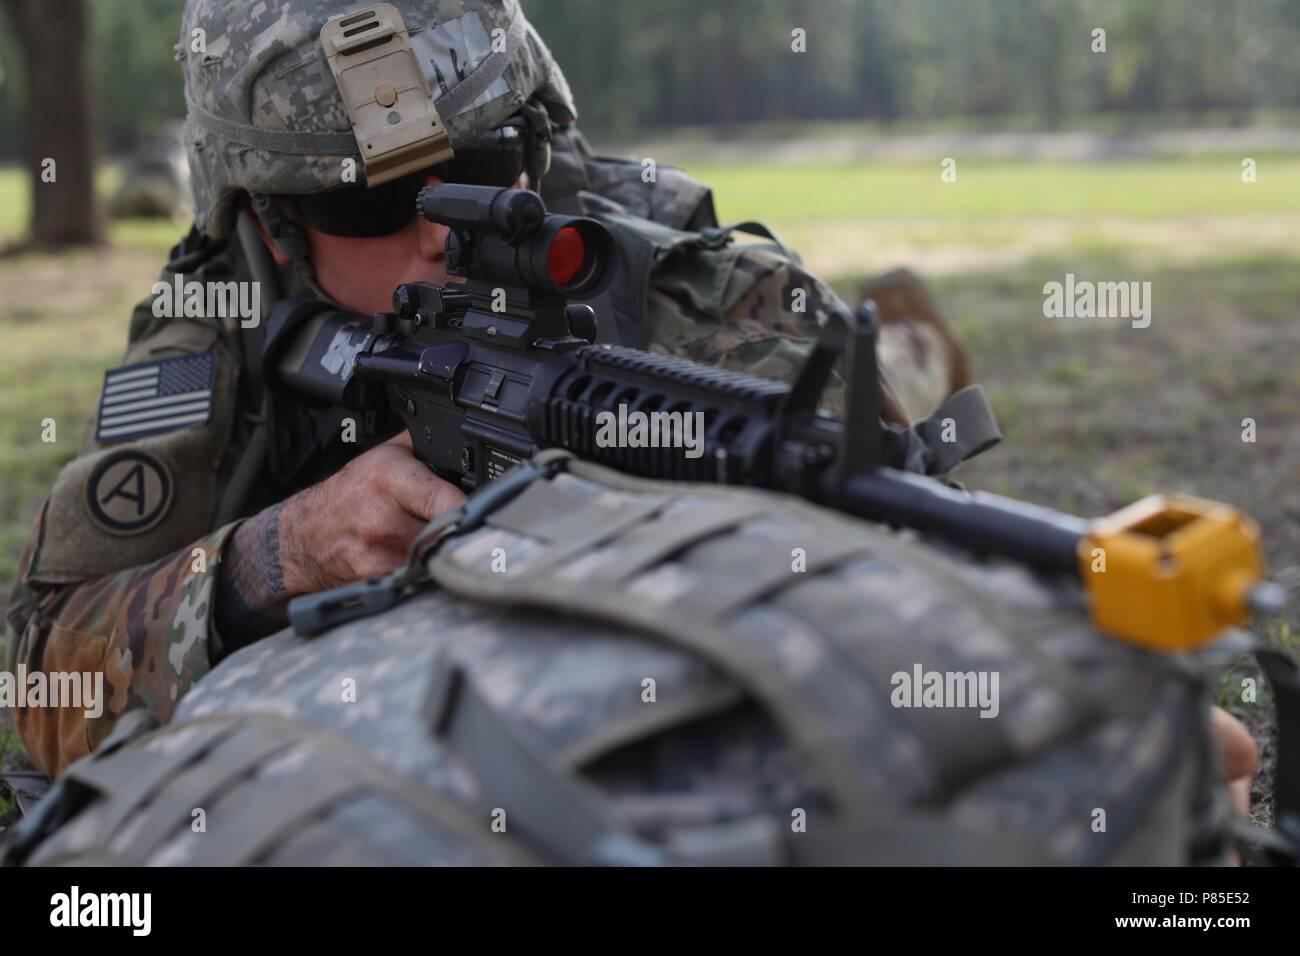 El sargento de la Reserva del Ejército de Estados Unidos. Michael Mangan, un químico reparación de equipo especialista del Derby, Connecticut, con el Intendente 439th Company, 334a, 377ª Batallón de intendencia Logística Comando de teatro, toma punto durante la operación para 2018 en el caso de la Reserva del Ejército de Estados Unidos mejor guerrero la competencia en Fort Bragg, Carolina del Norte, 13 de junio de 2018, 13 de junio de 2018. Soldados de la Reserva del Ejército de Estados Unidos competir todo el día y en la noche, se esfuerzan en cada evento durante los seis días de 2018, Reserva del Ejército de Estados Unidos mejor guerrero de la competencia. (Ee.Uu. Reserva del Ejército foto por Spc. Devin A. Patterson) (liberado). () Imagen De Stock